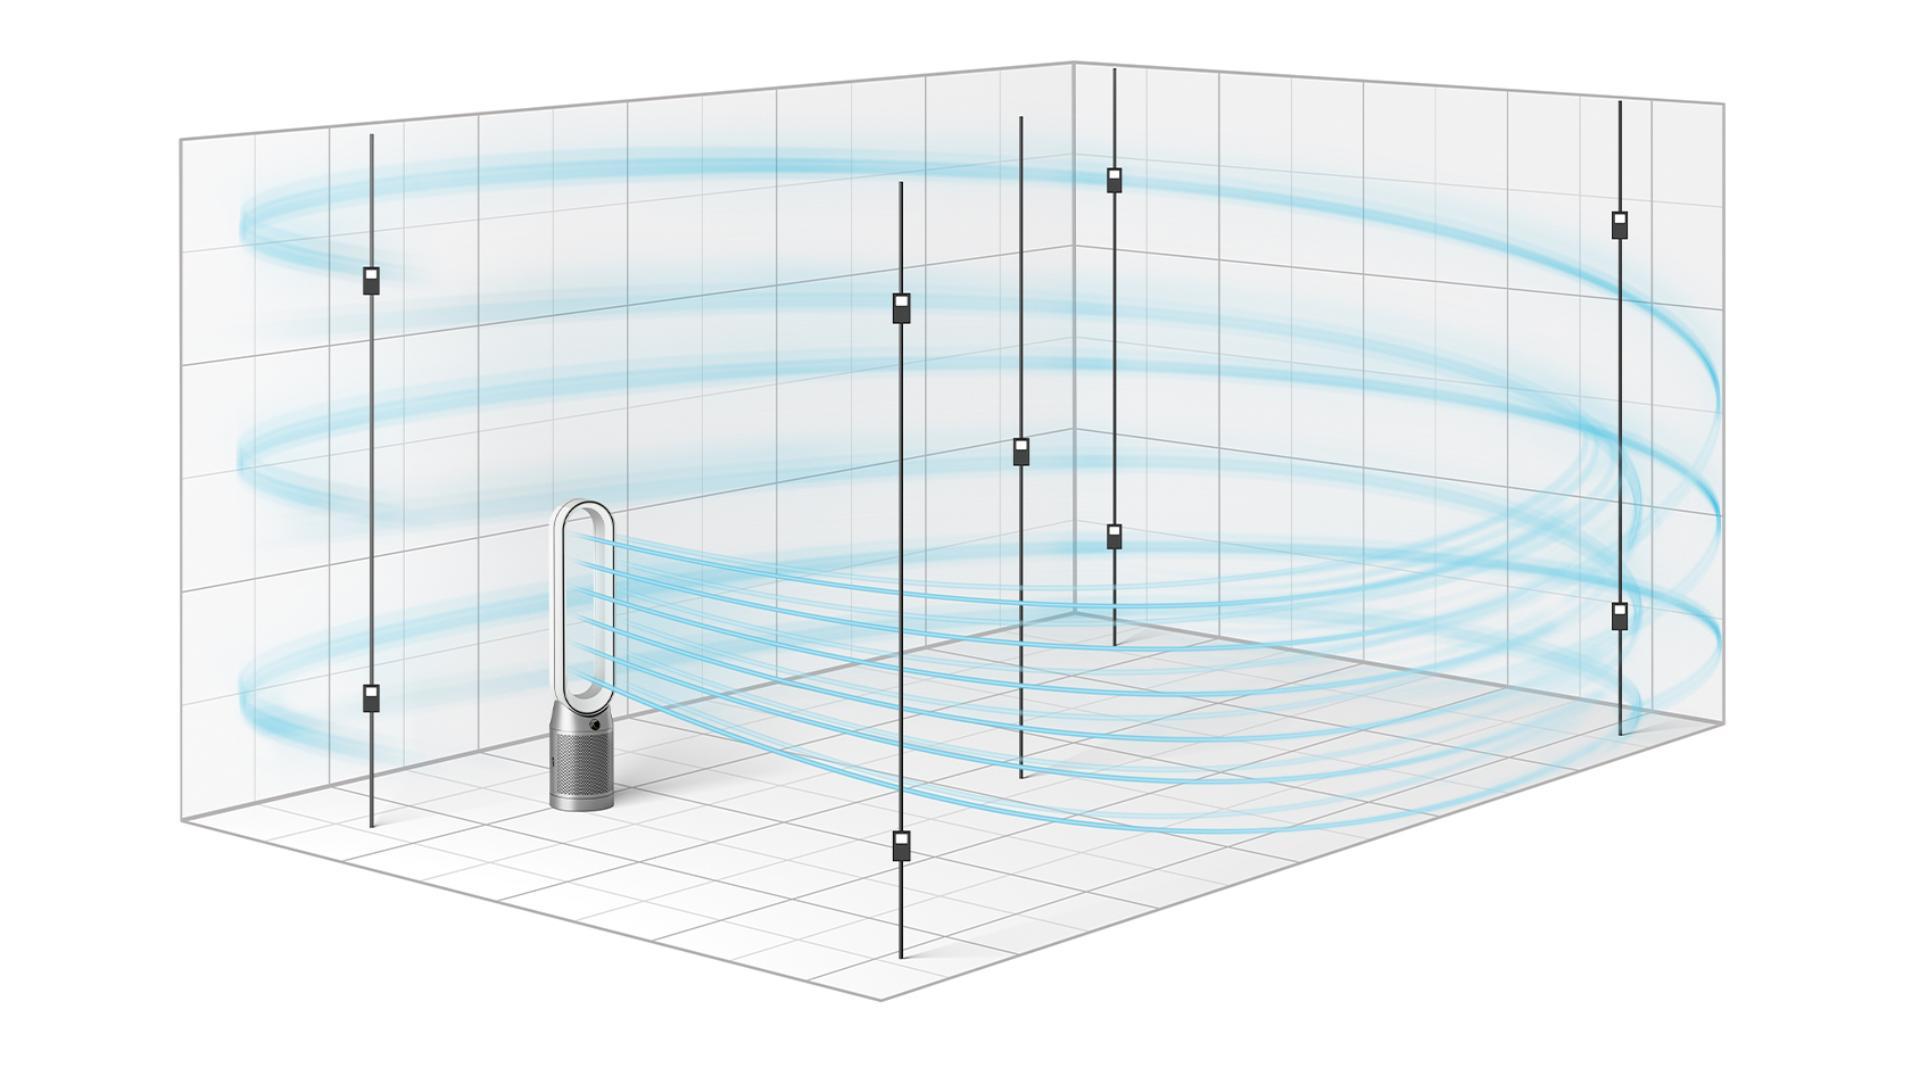 CADR testi ile Dyson testinin grafiksel karşılaştırması